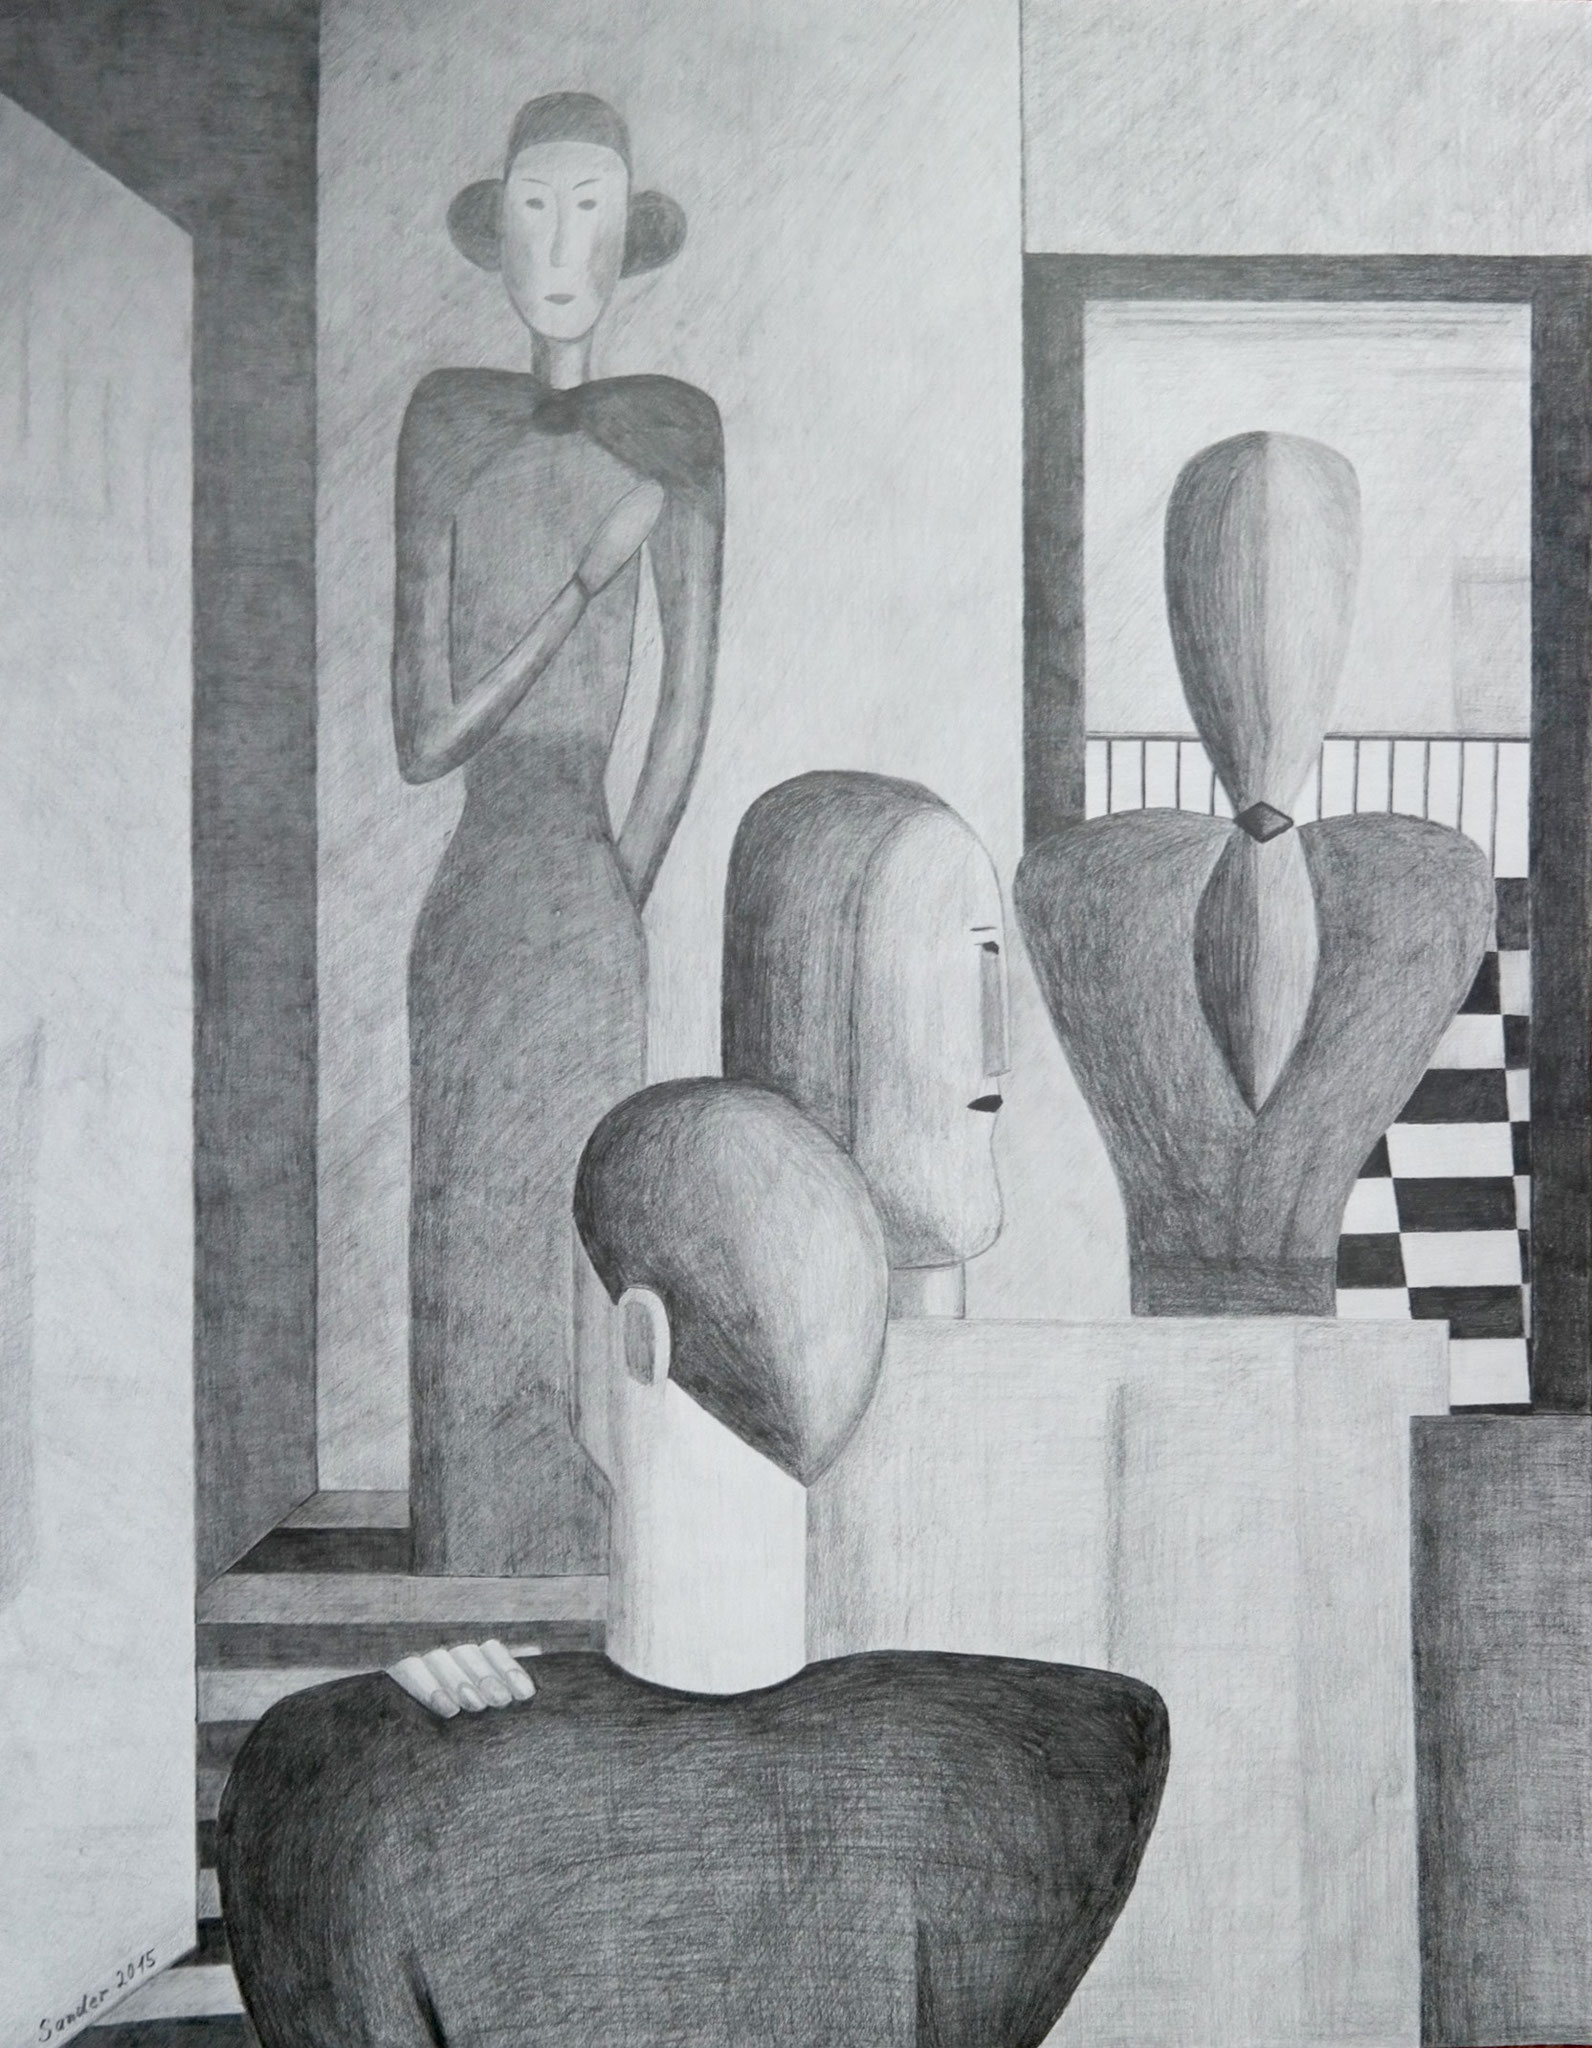 nach Schlemmer 2, 90 x 70 cm, Bleistiftzeichnung auf Papier, signiert und datiert 2015